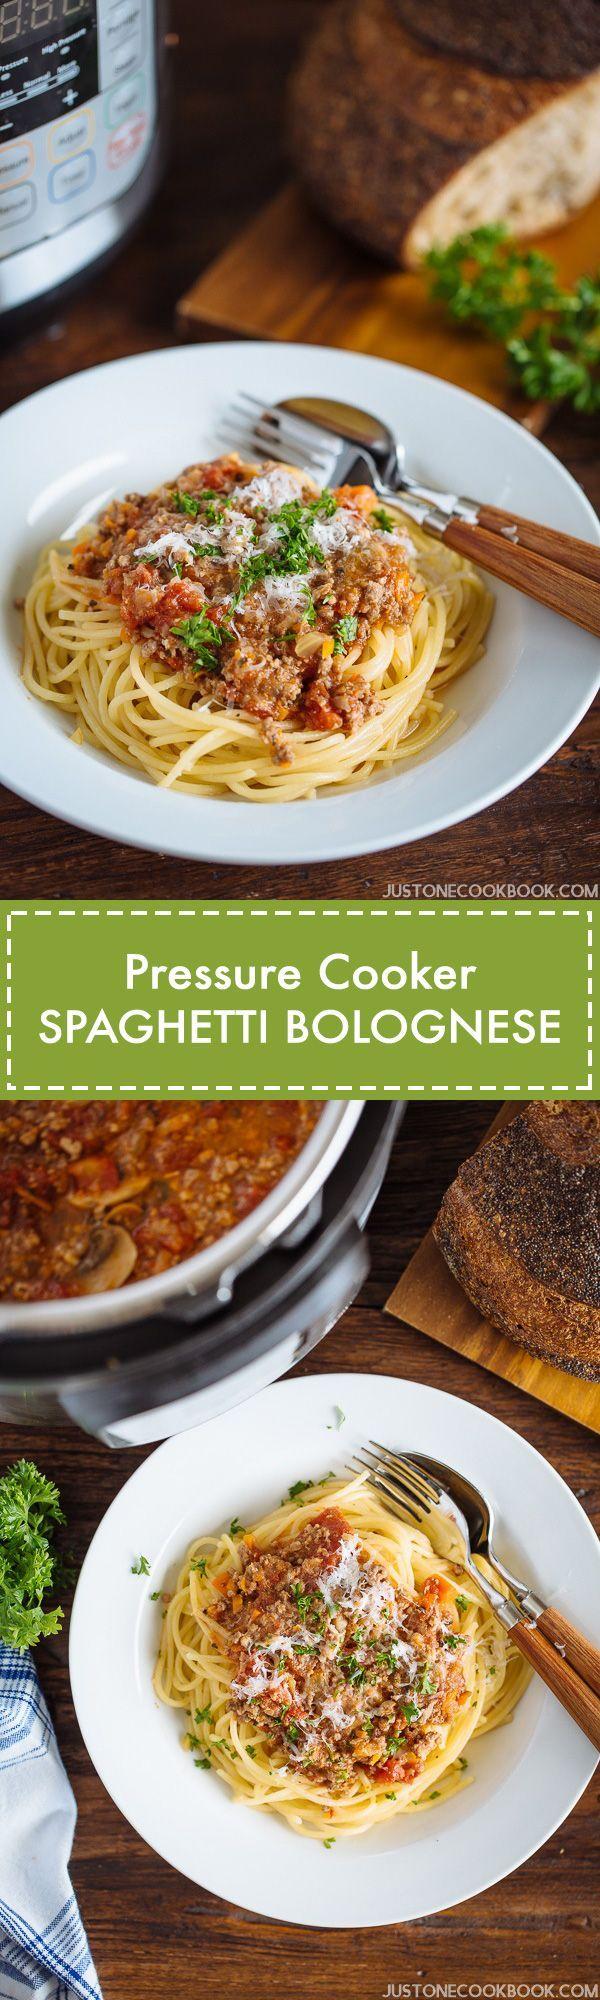 Pressure Cooker Spaghetti Bolognese | More Recipes at JustOneCookbook.com